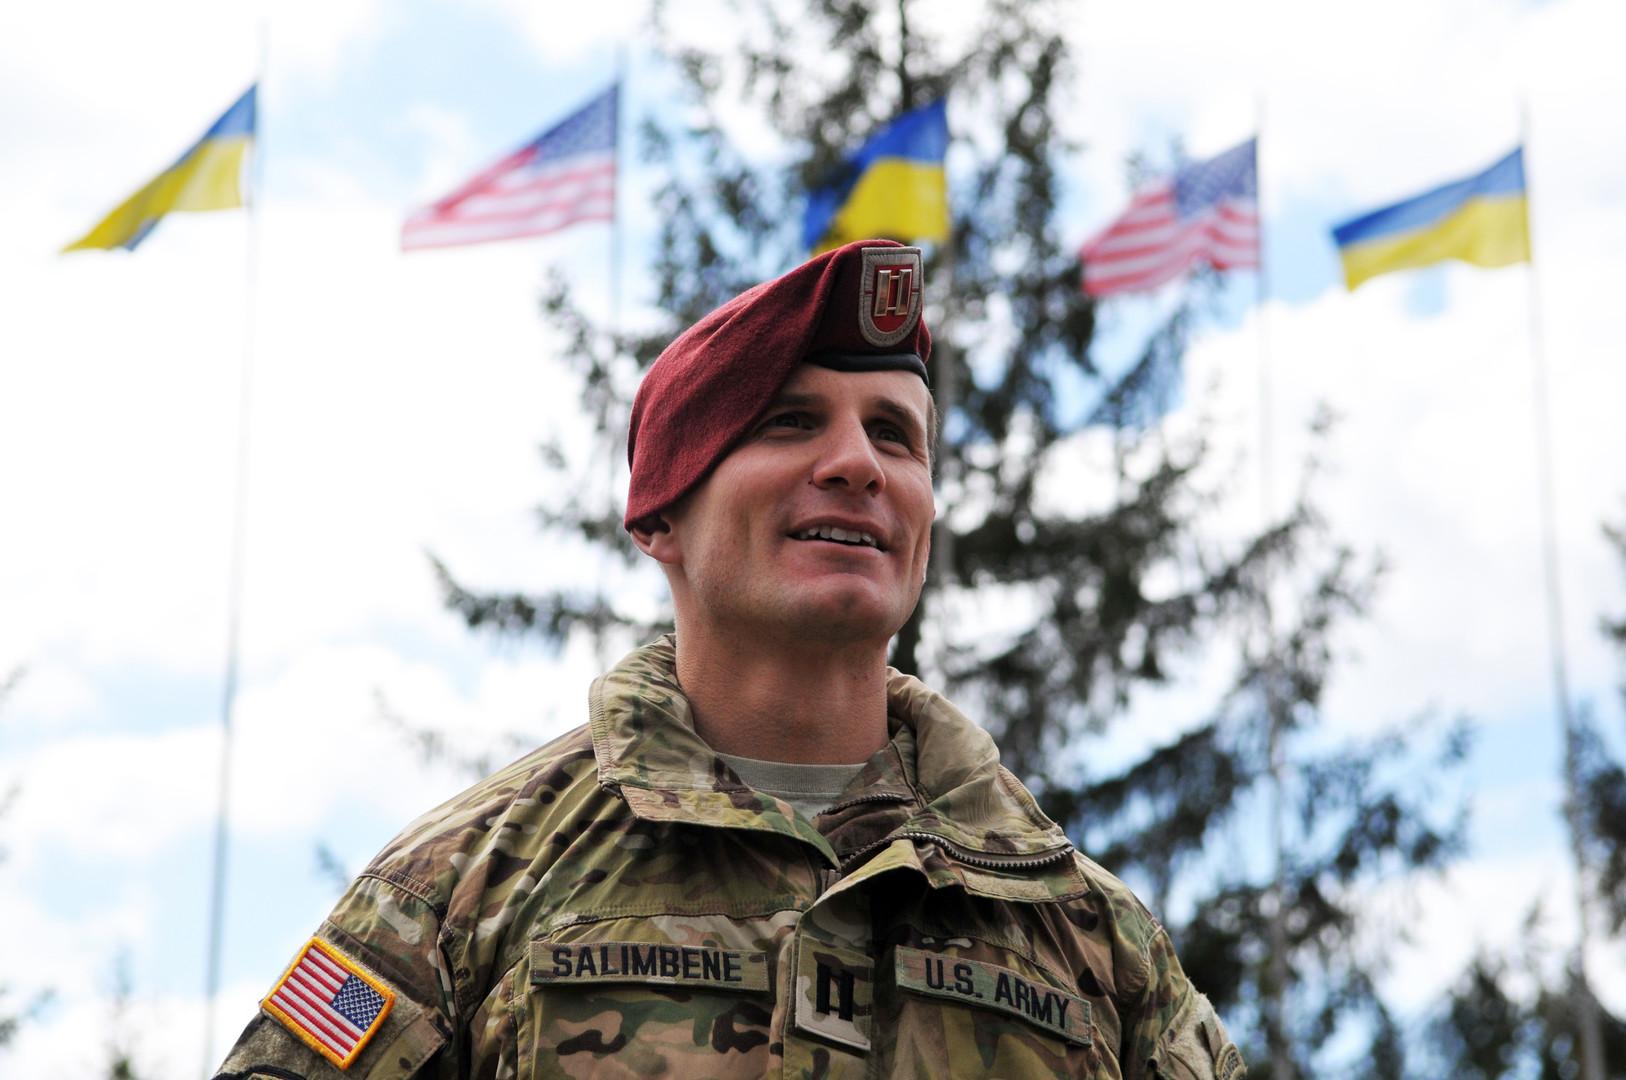 Rada-Beschluss: Ukraine will Hauptverbündeter der USA außerhalb der NATO werden